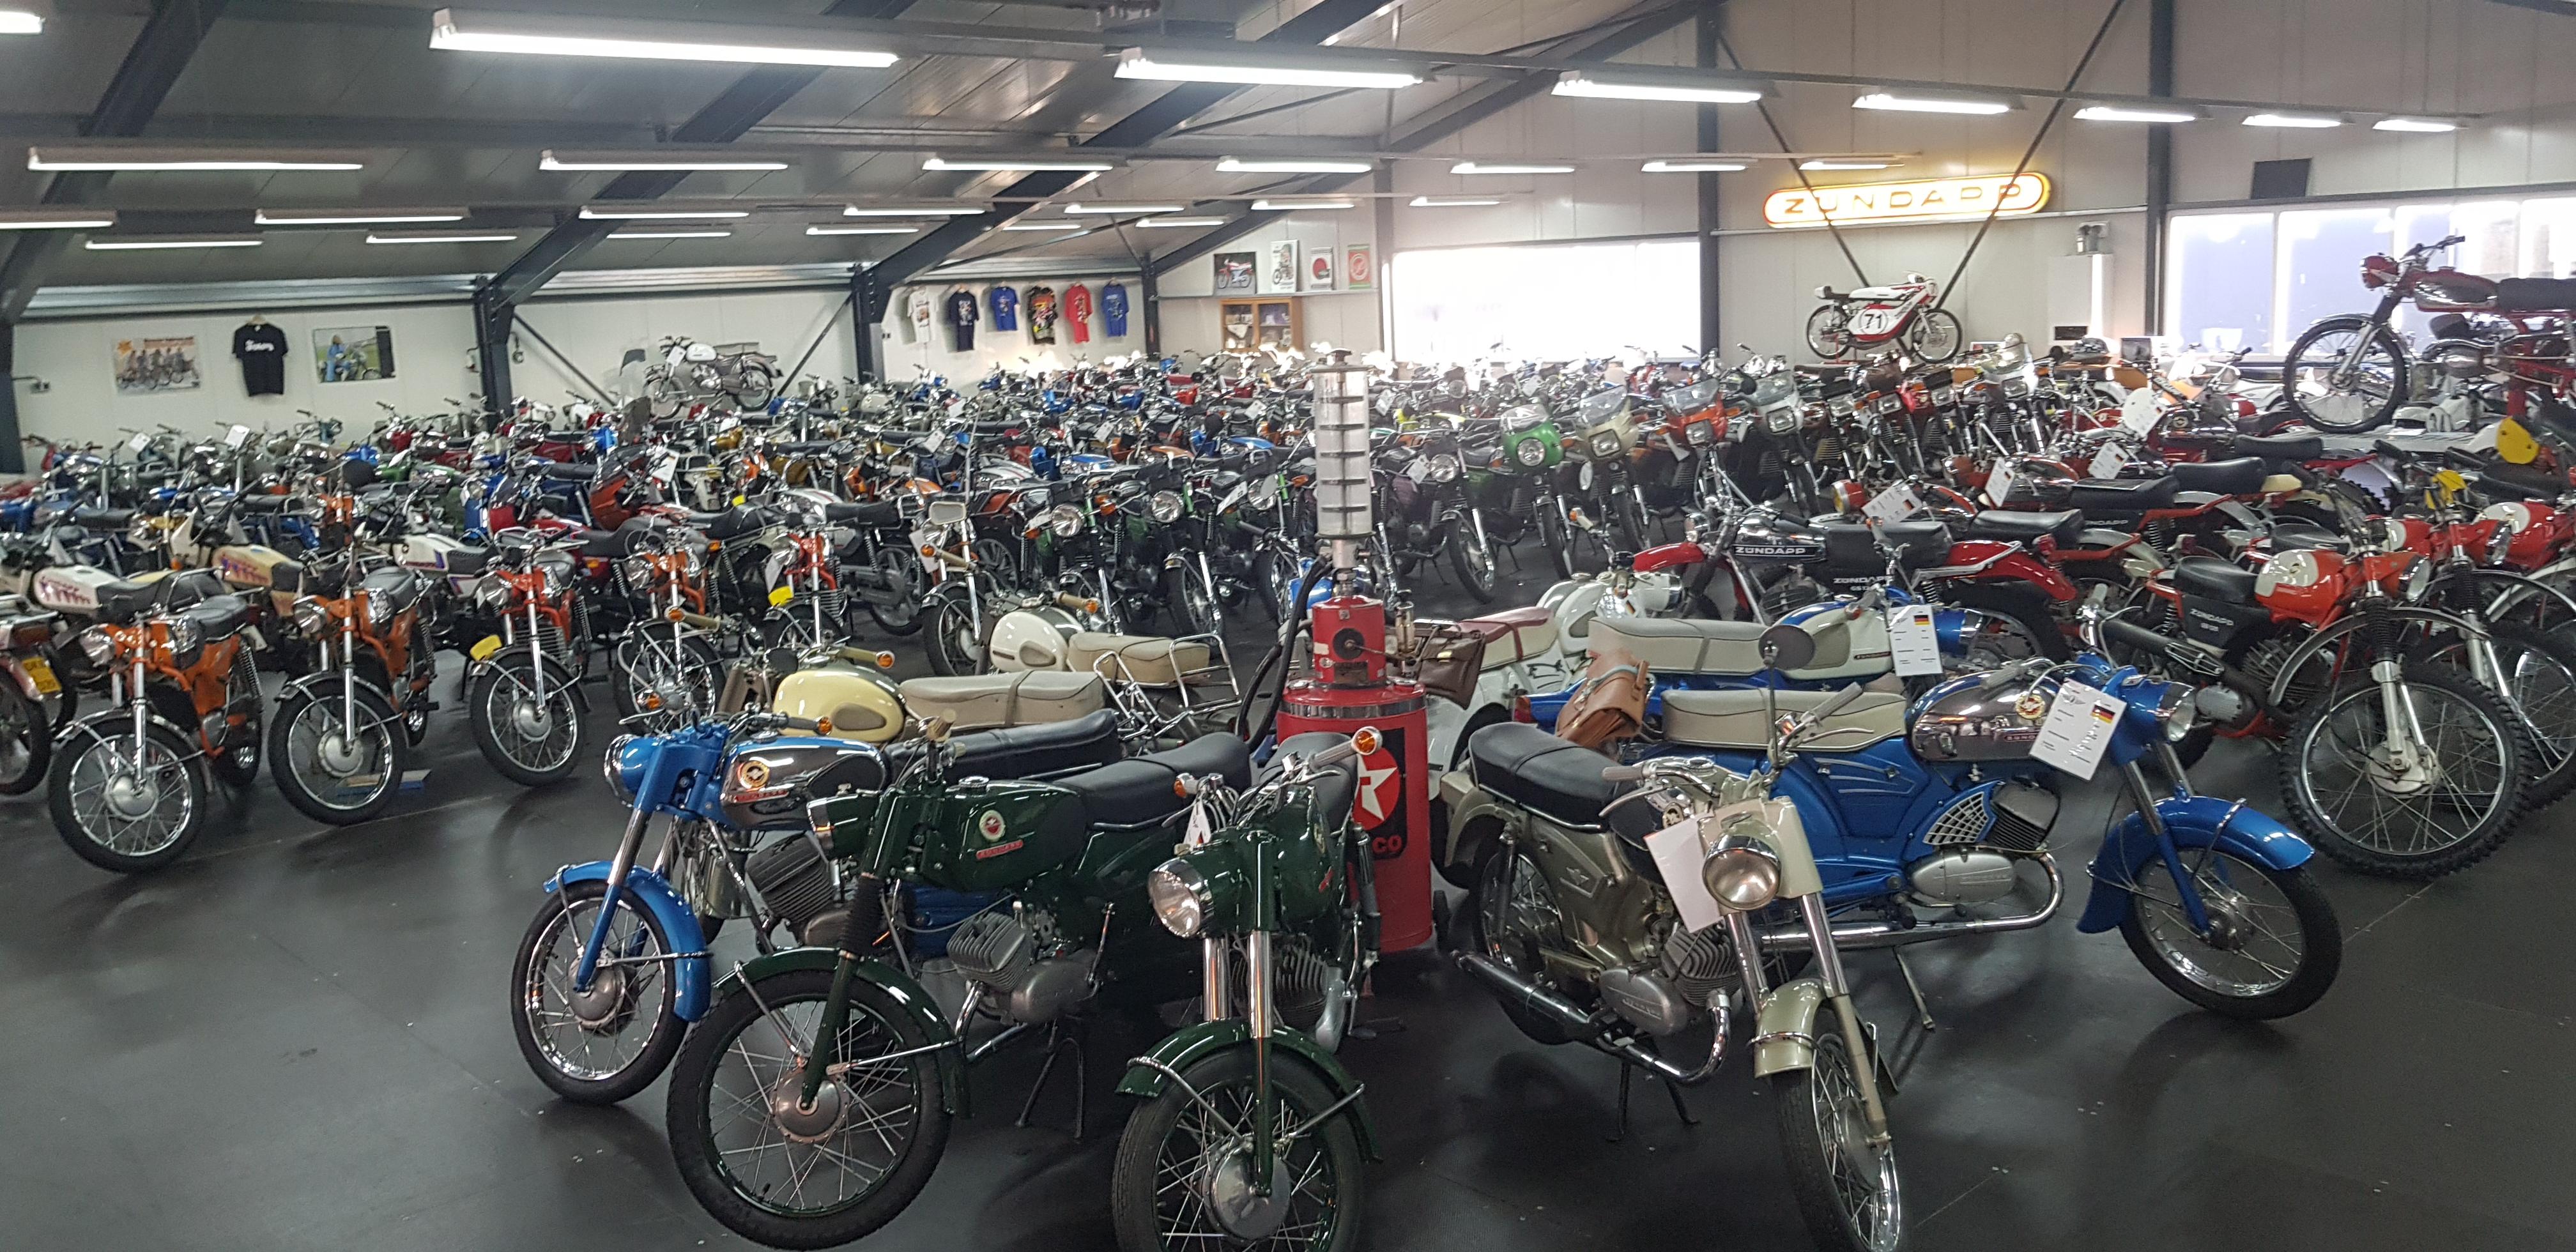 Brommer-en motormuseum-Wigchers-Schoonoord-Zundapp-verzameling